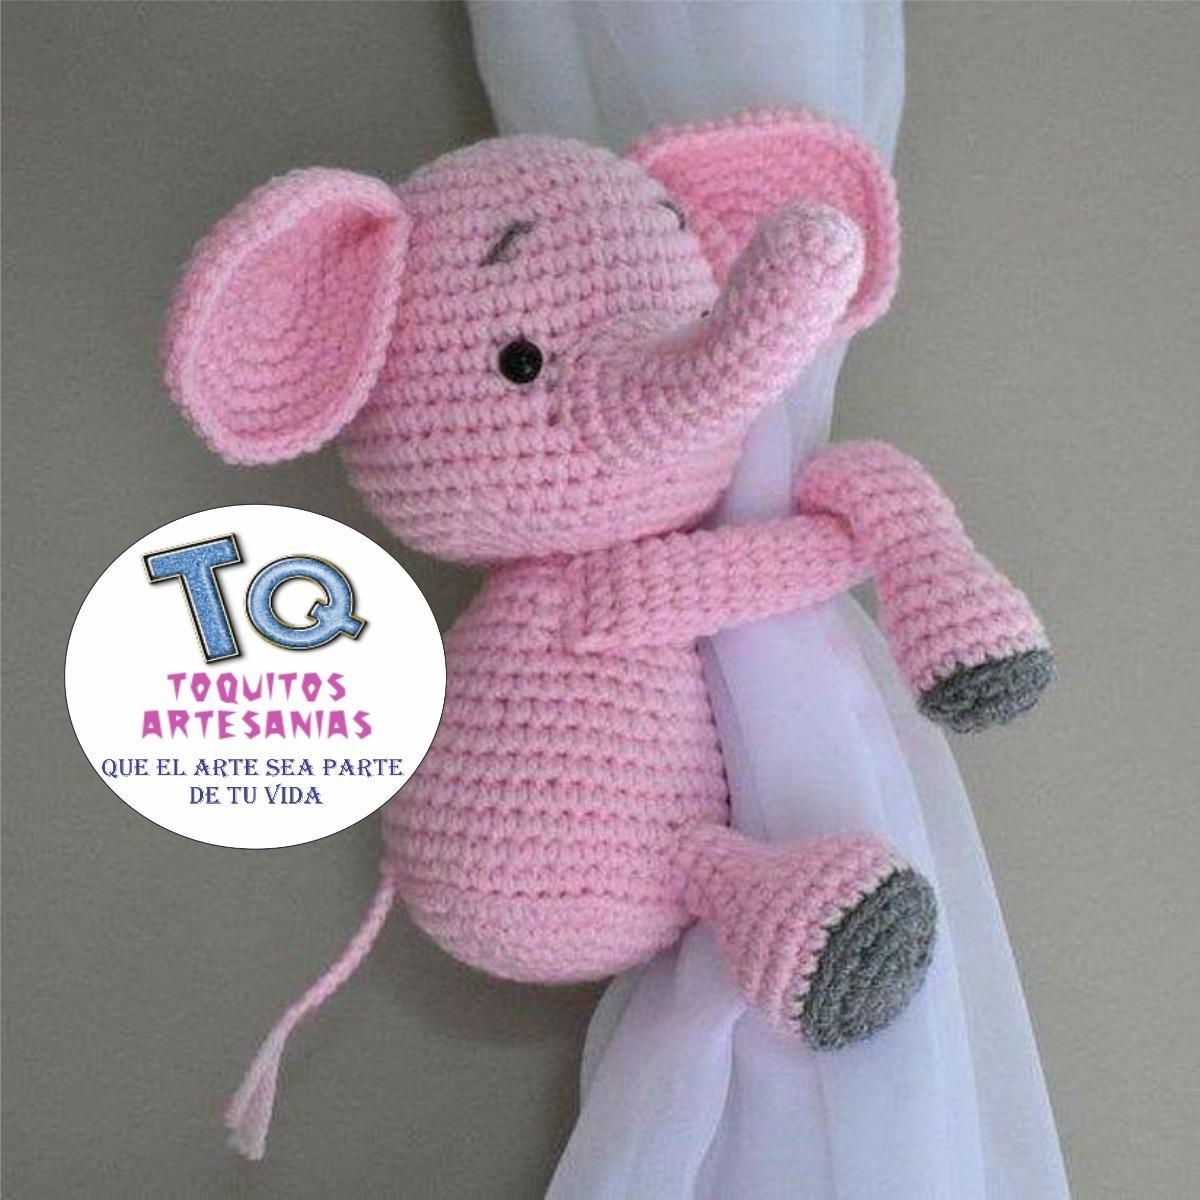 twobee_   Crochet elephant pattern, Crochet elephant, Crochet patterns   1200x1200